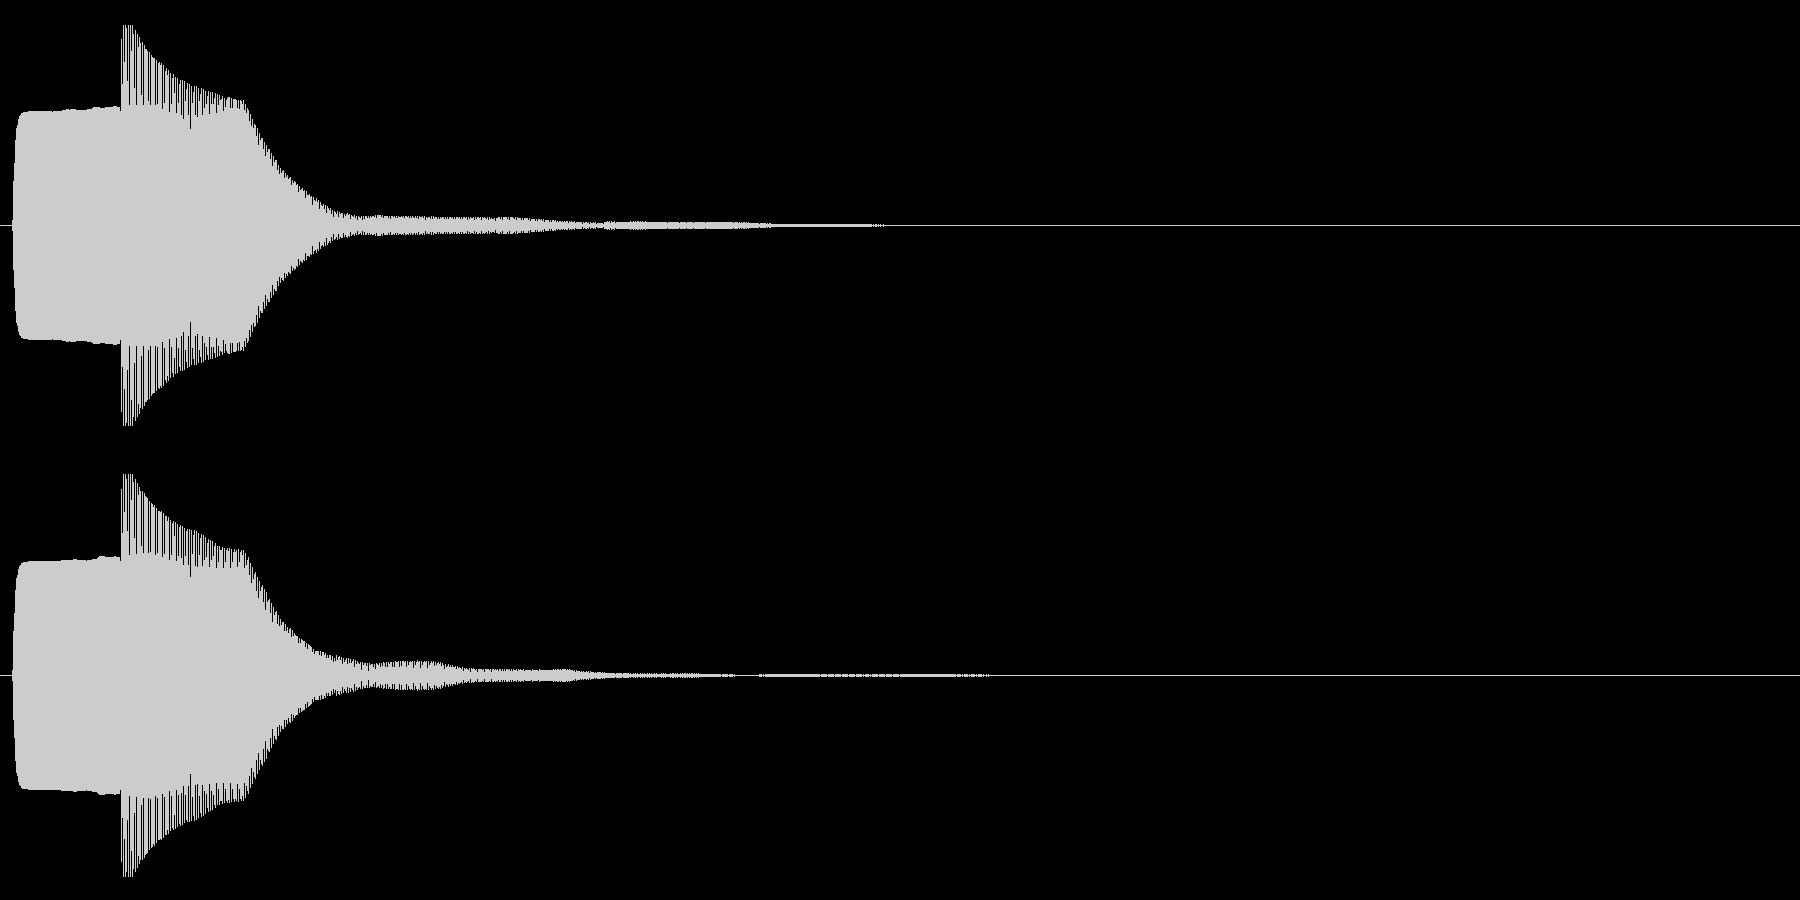 ピコン(起動,通知,タップ,決定)_05の未再生の波形